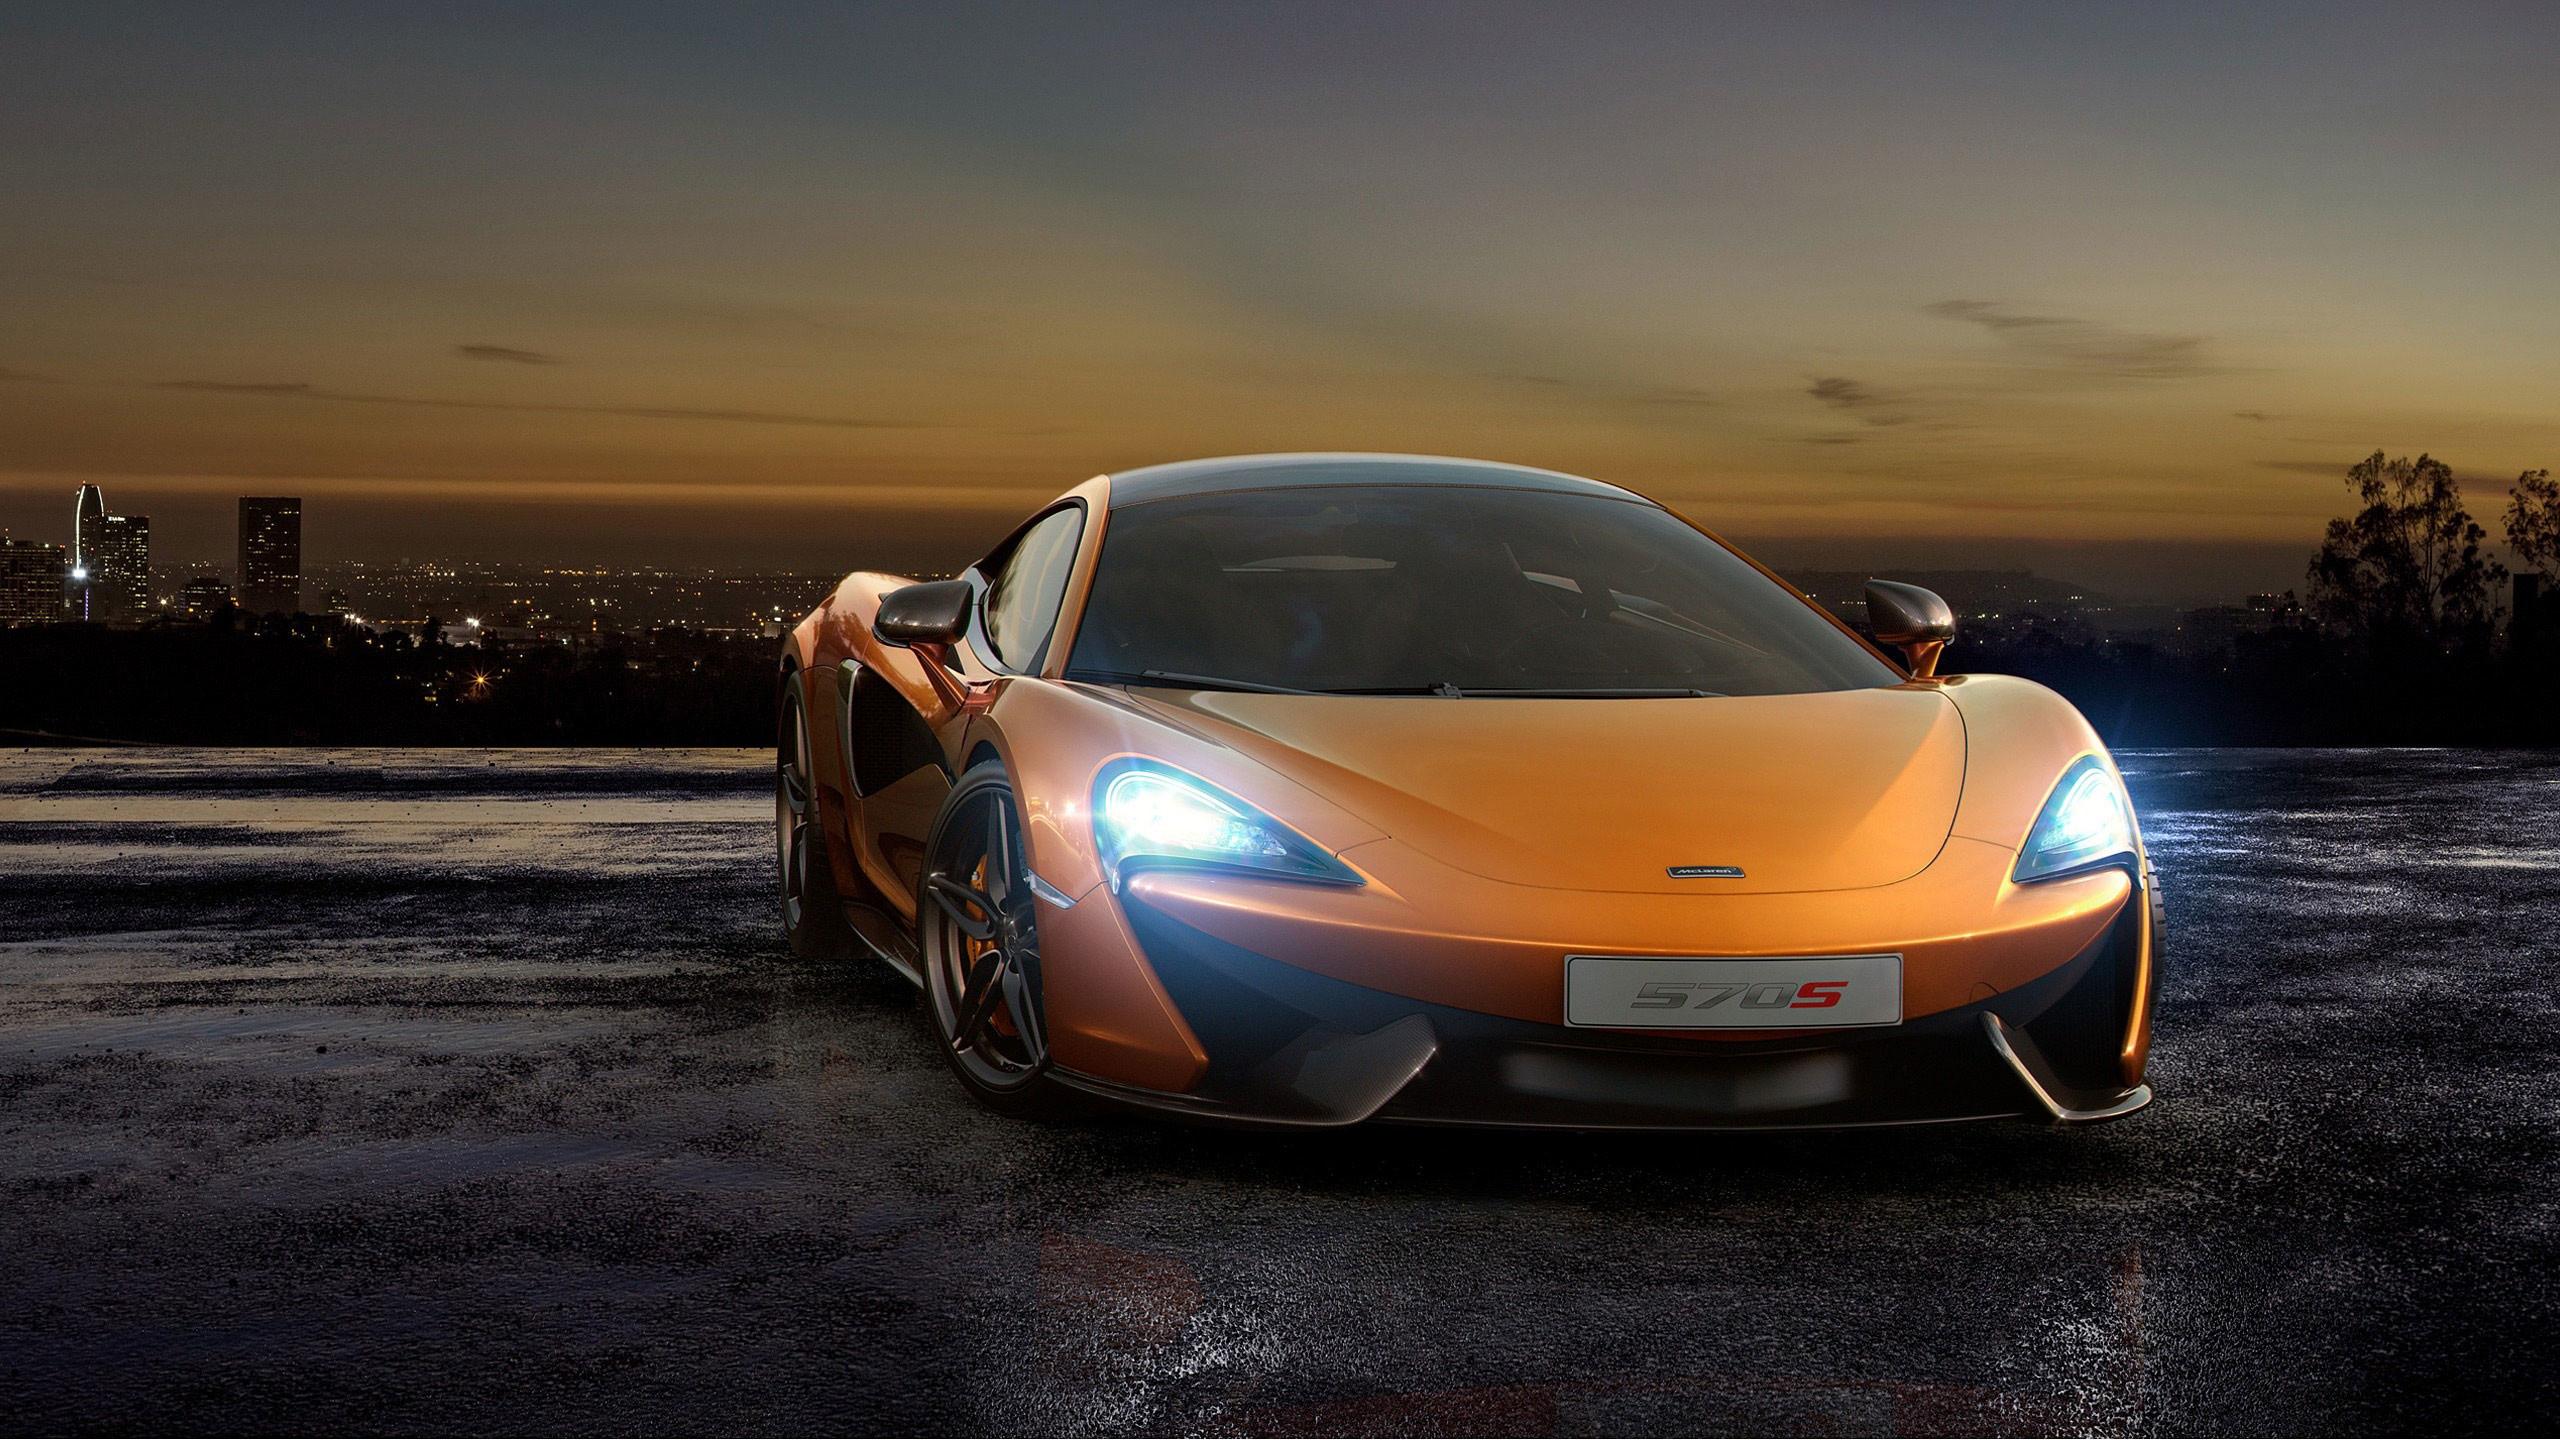 Res: 2560x1440, 3d cool car wallpaper